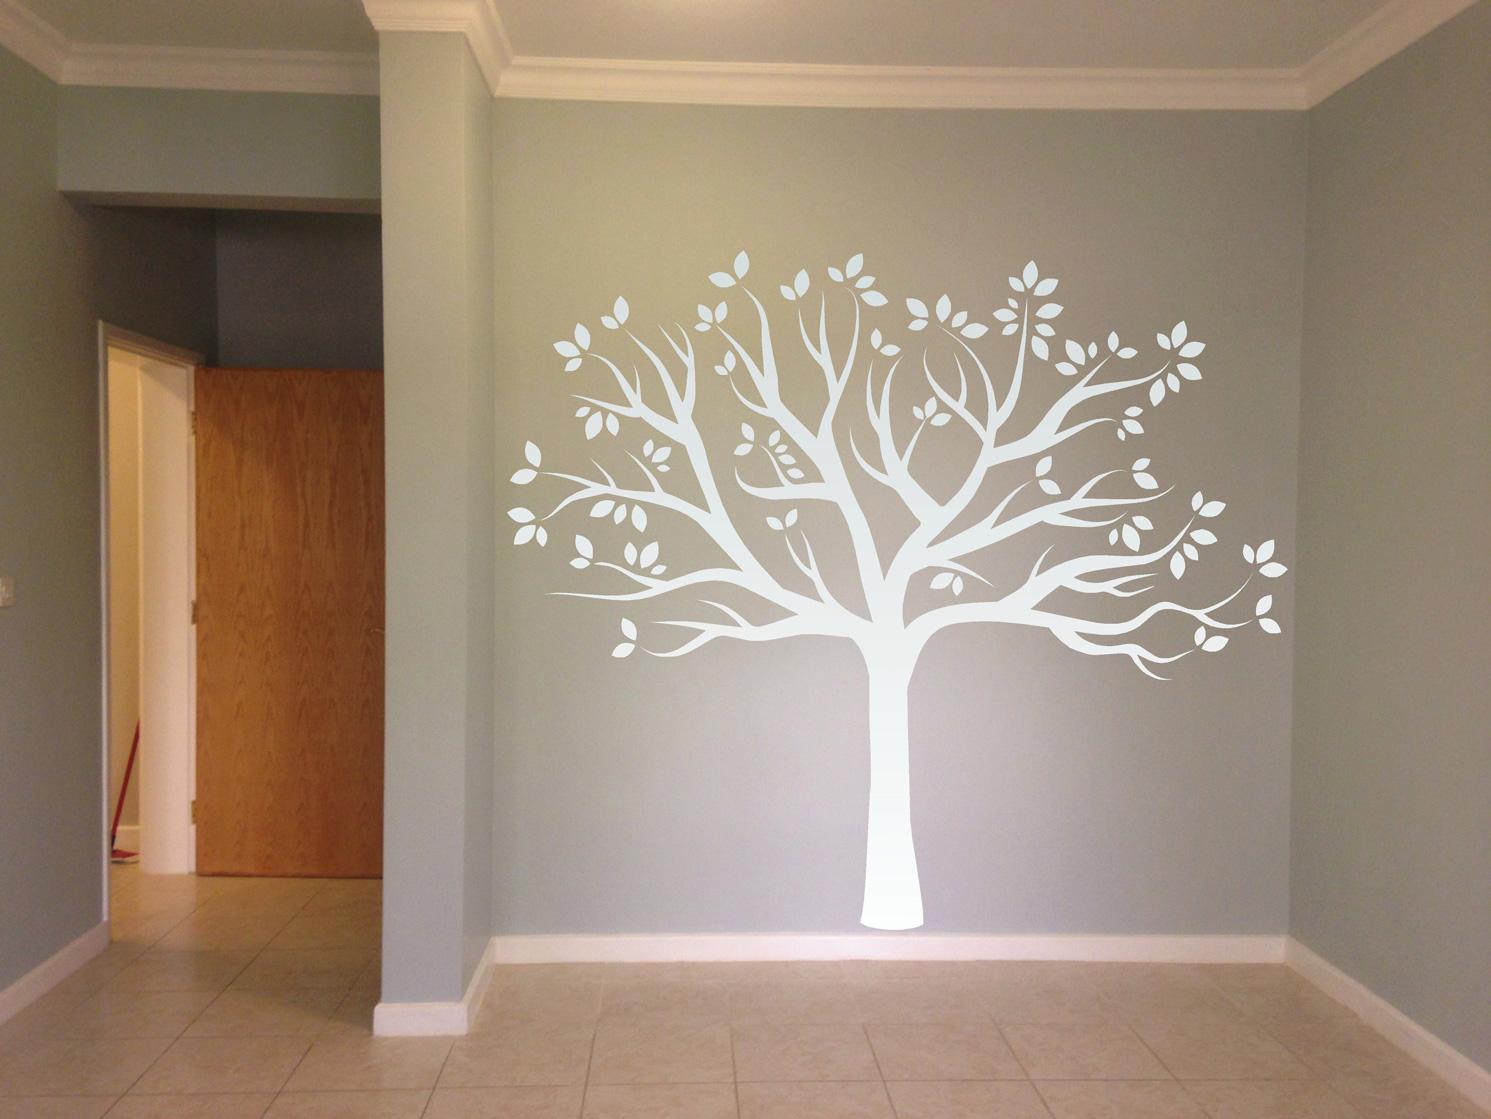 Houten muurdecoratie slaapkamer: elegante slaapkamer met ...